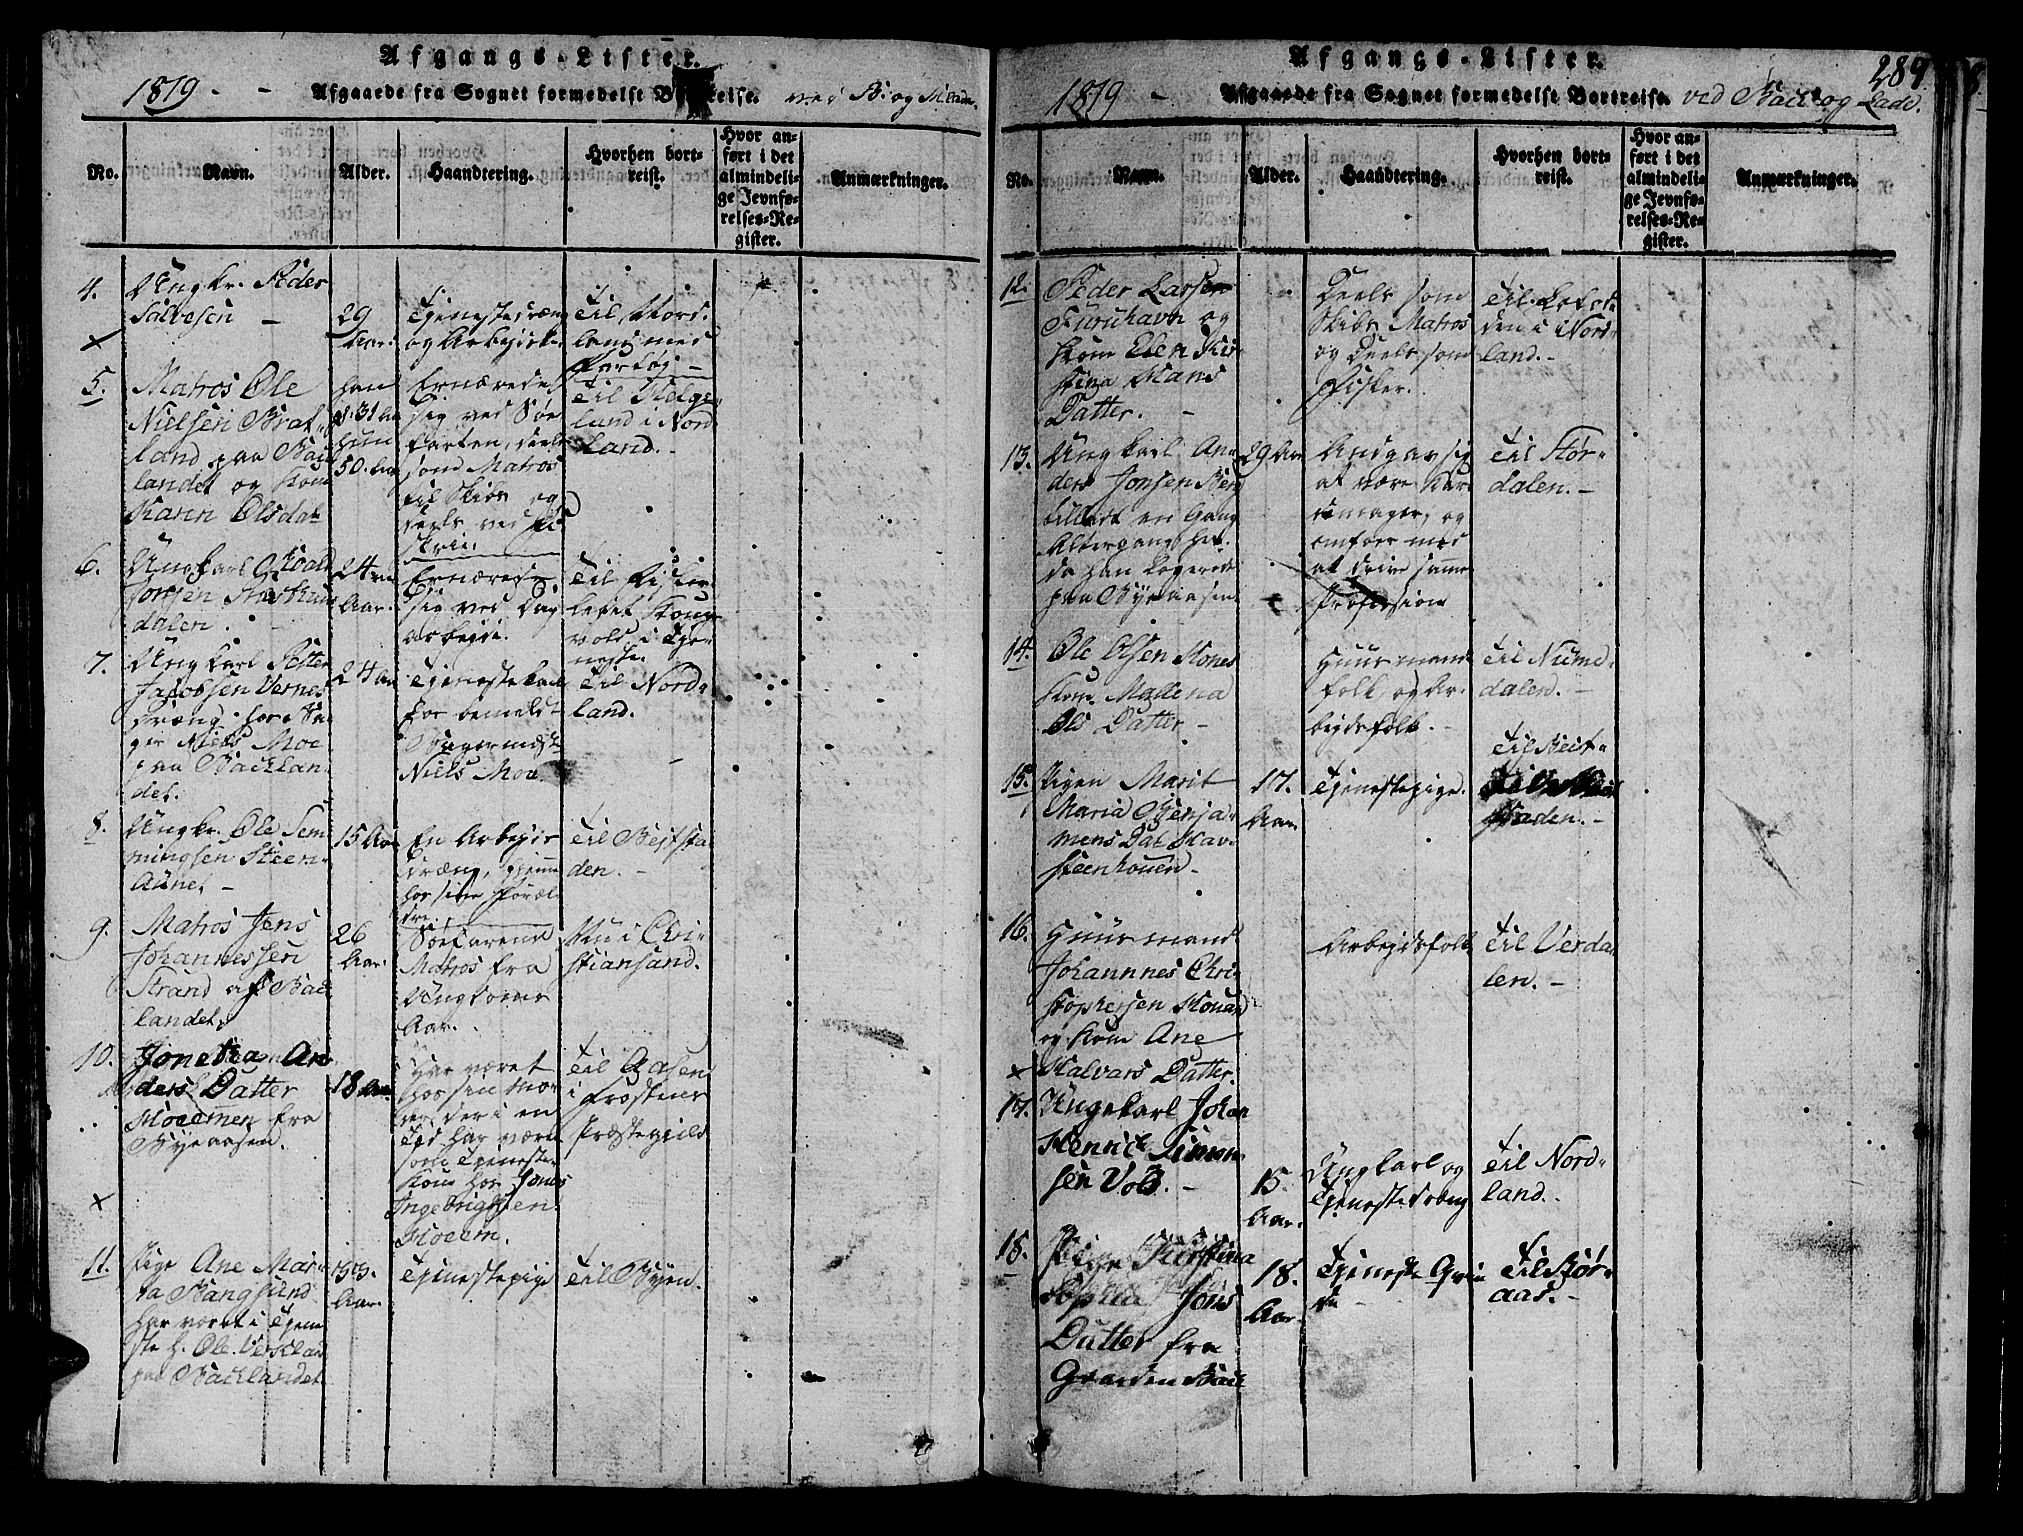 SAT, Ministerialprotokoller, klokkerbøker og fødselsregistre - Sør-Trøndelag, 606/L0307: Klokkerbok nr. 606C03, 1817-1824, s. 289